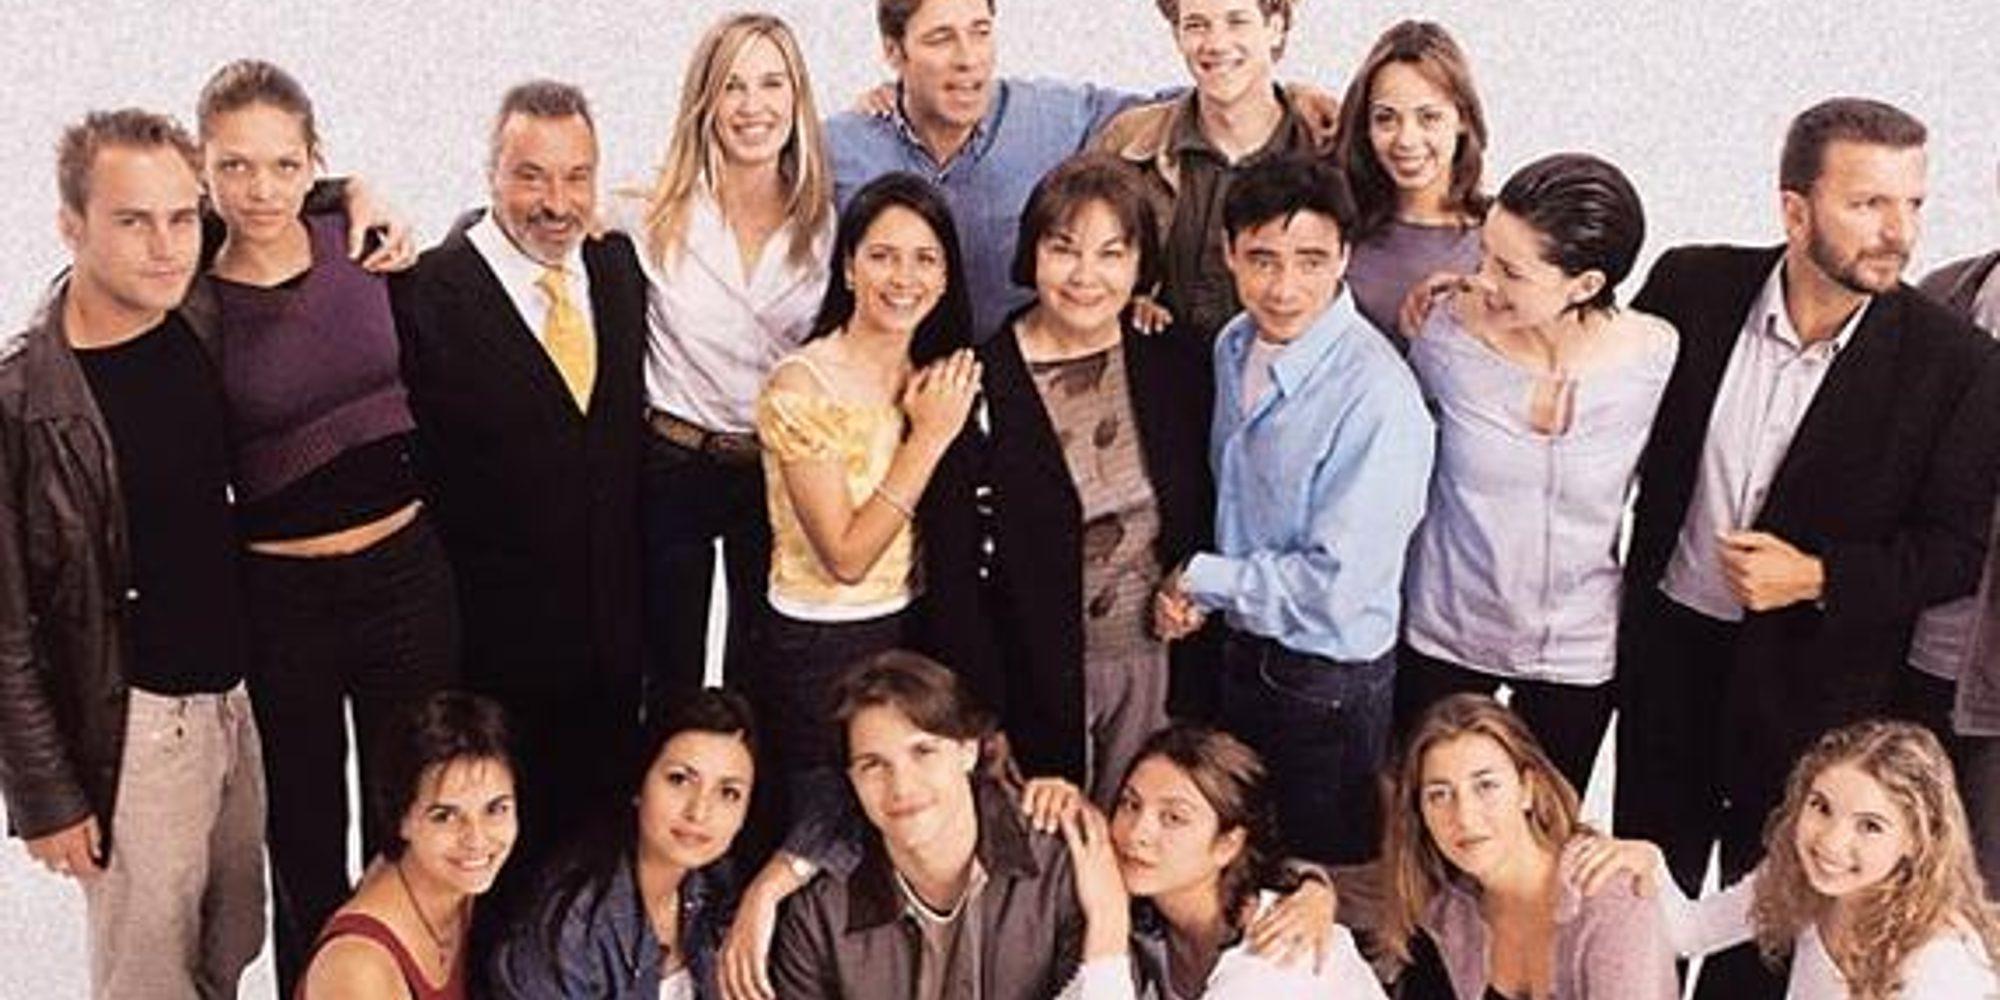 Qué fue de... los actores y actrices de la serie 'Nada es para siempre'